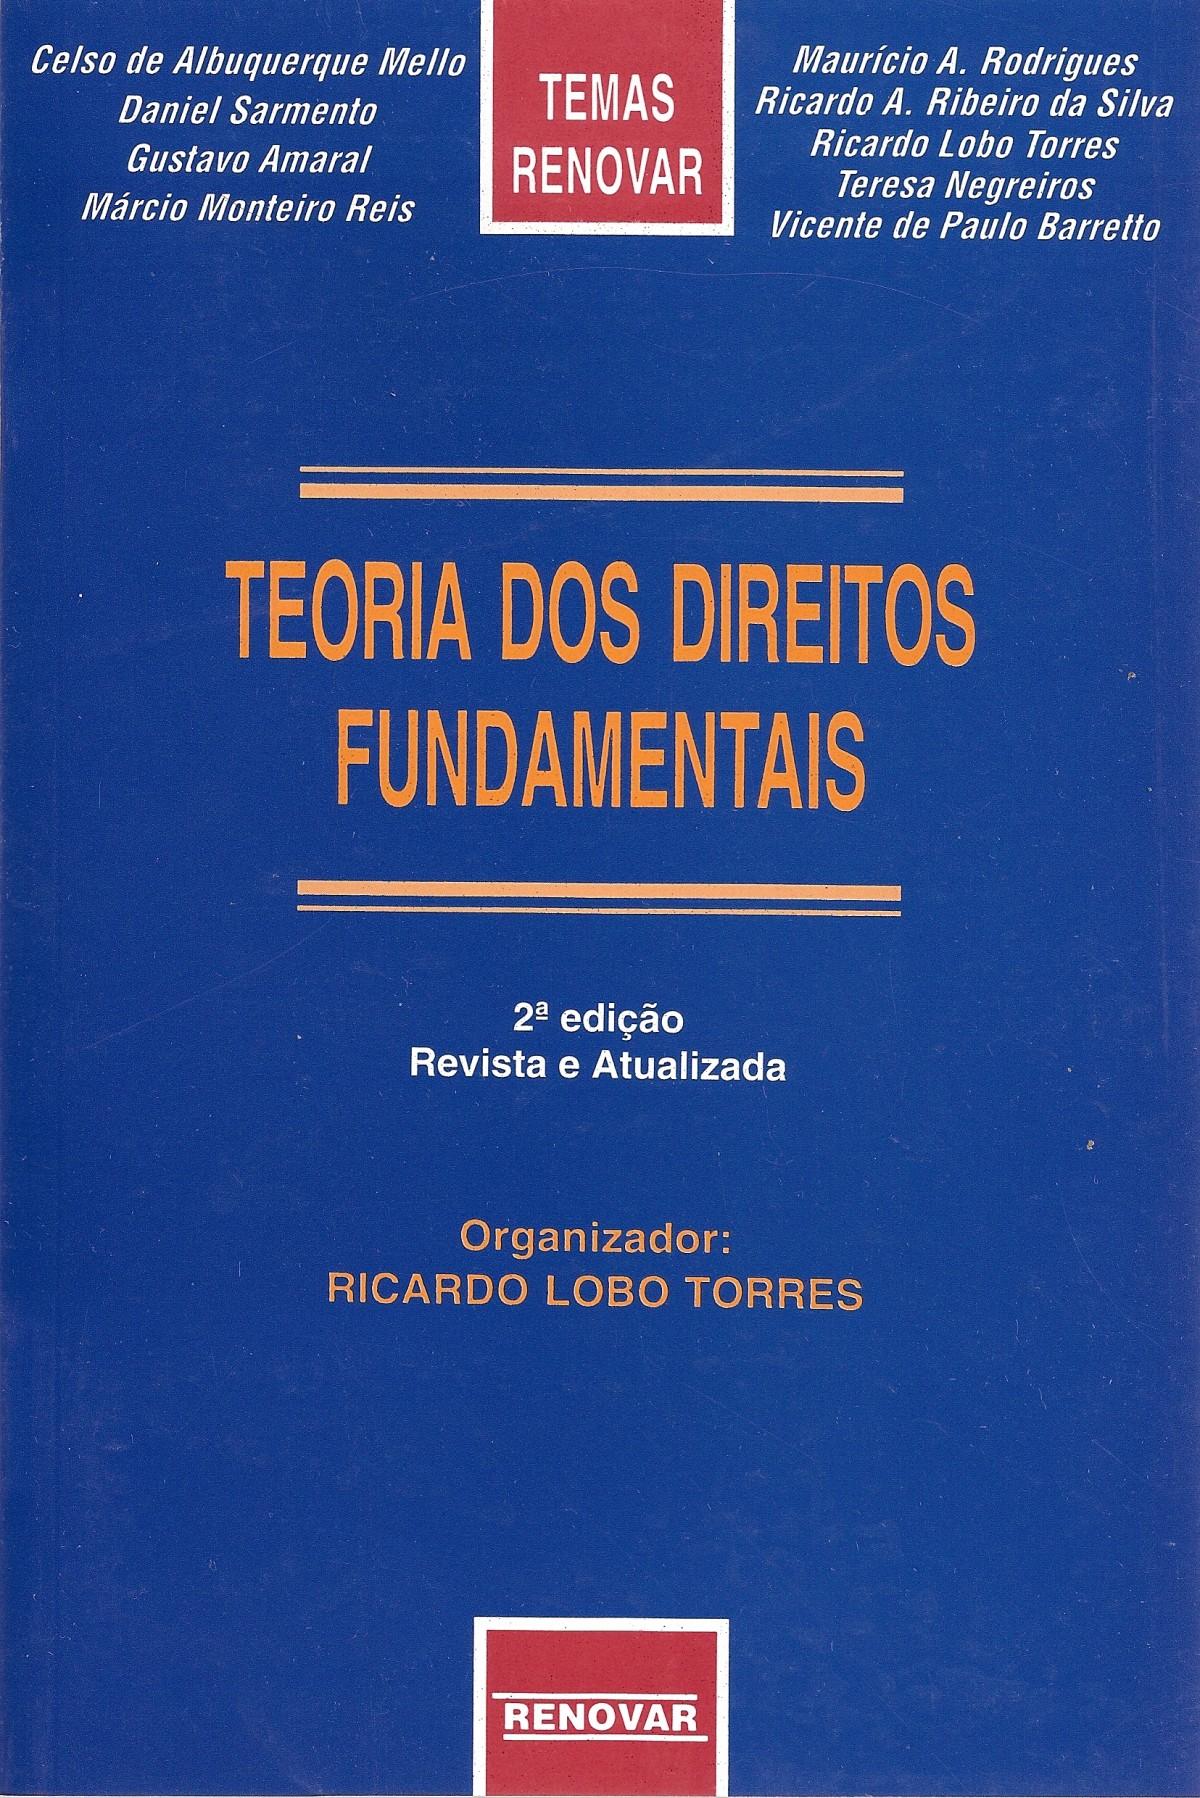 Foto 1 - Teoria dos Direitos Fundamentais